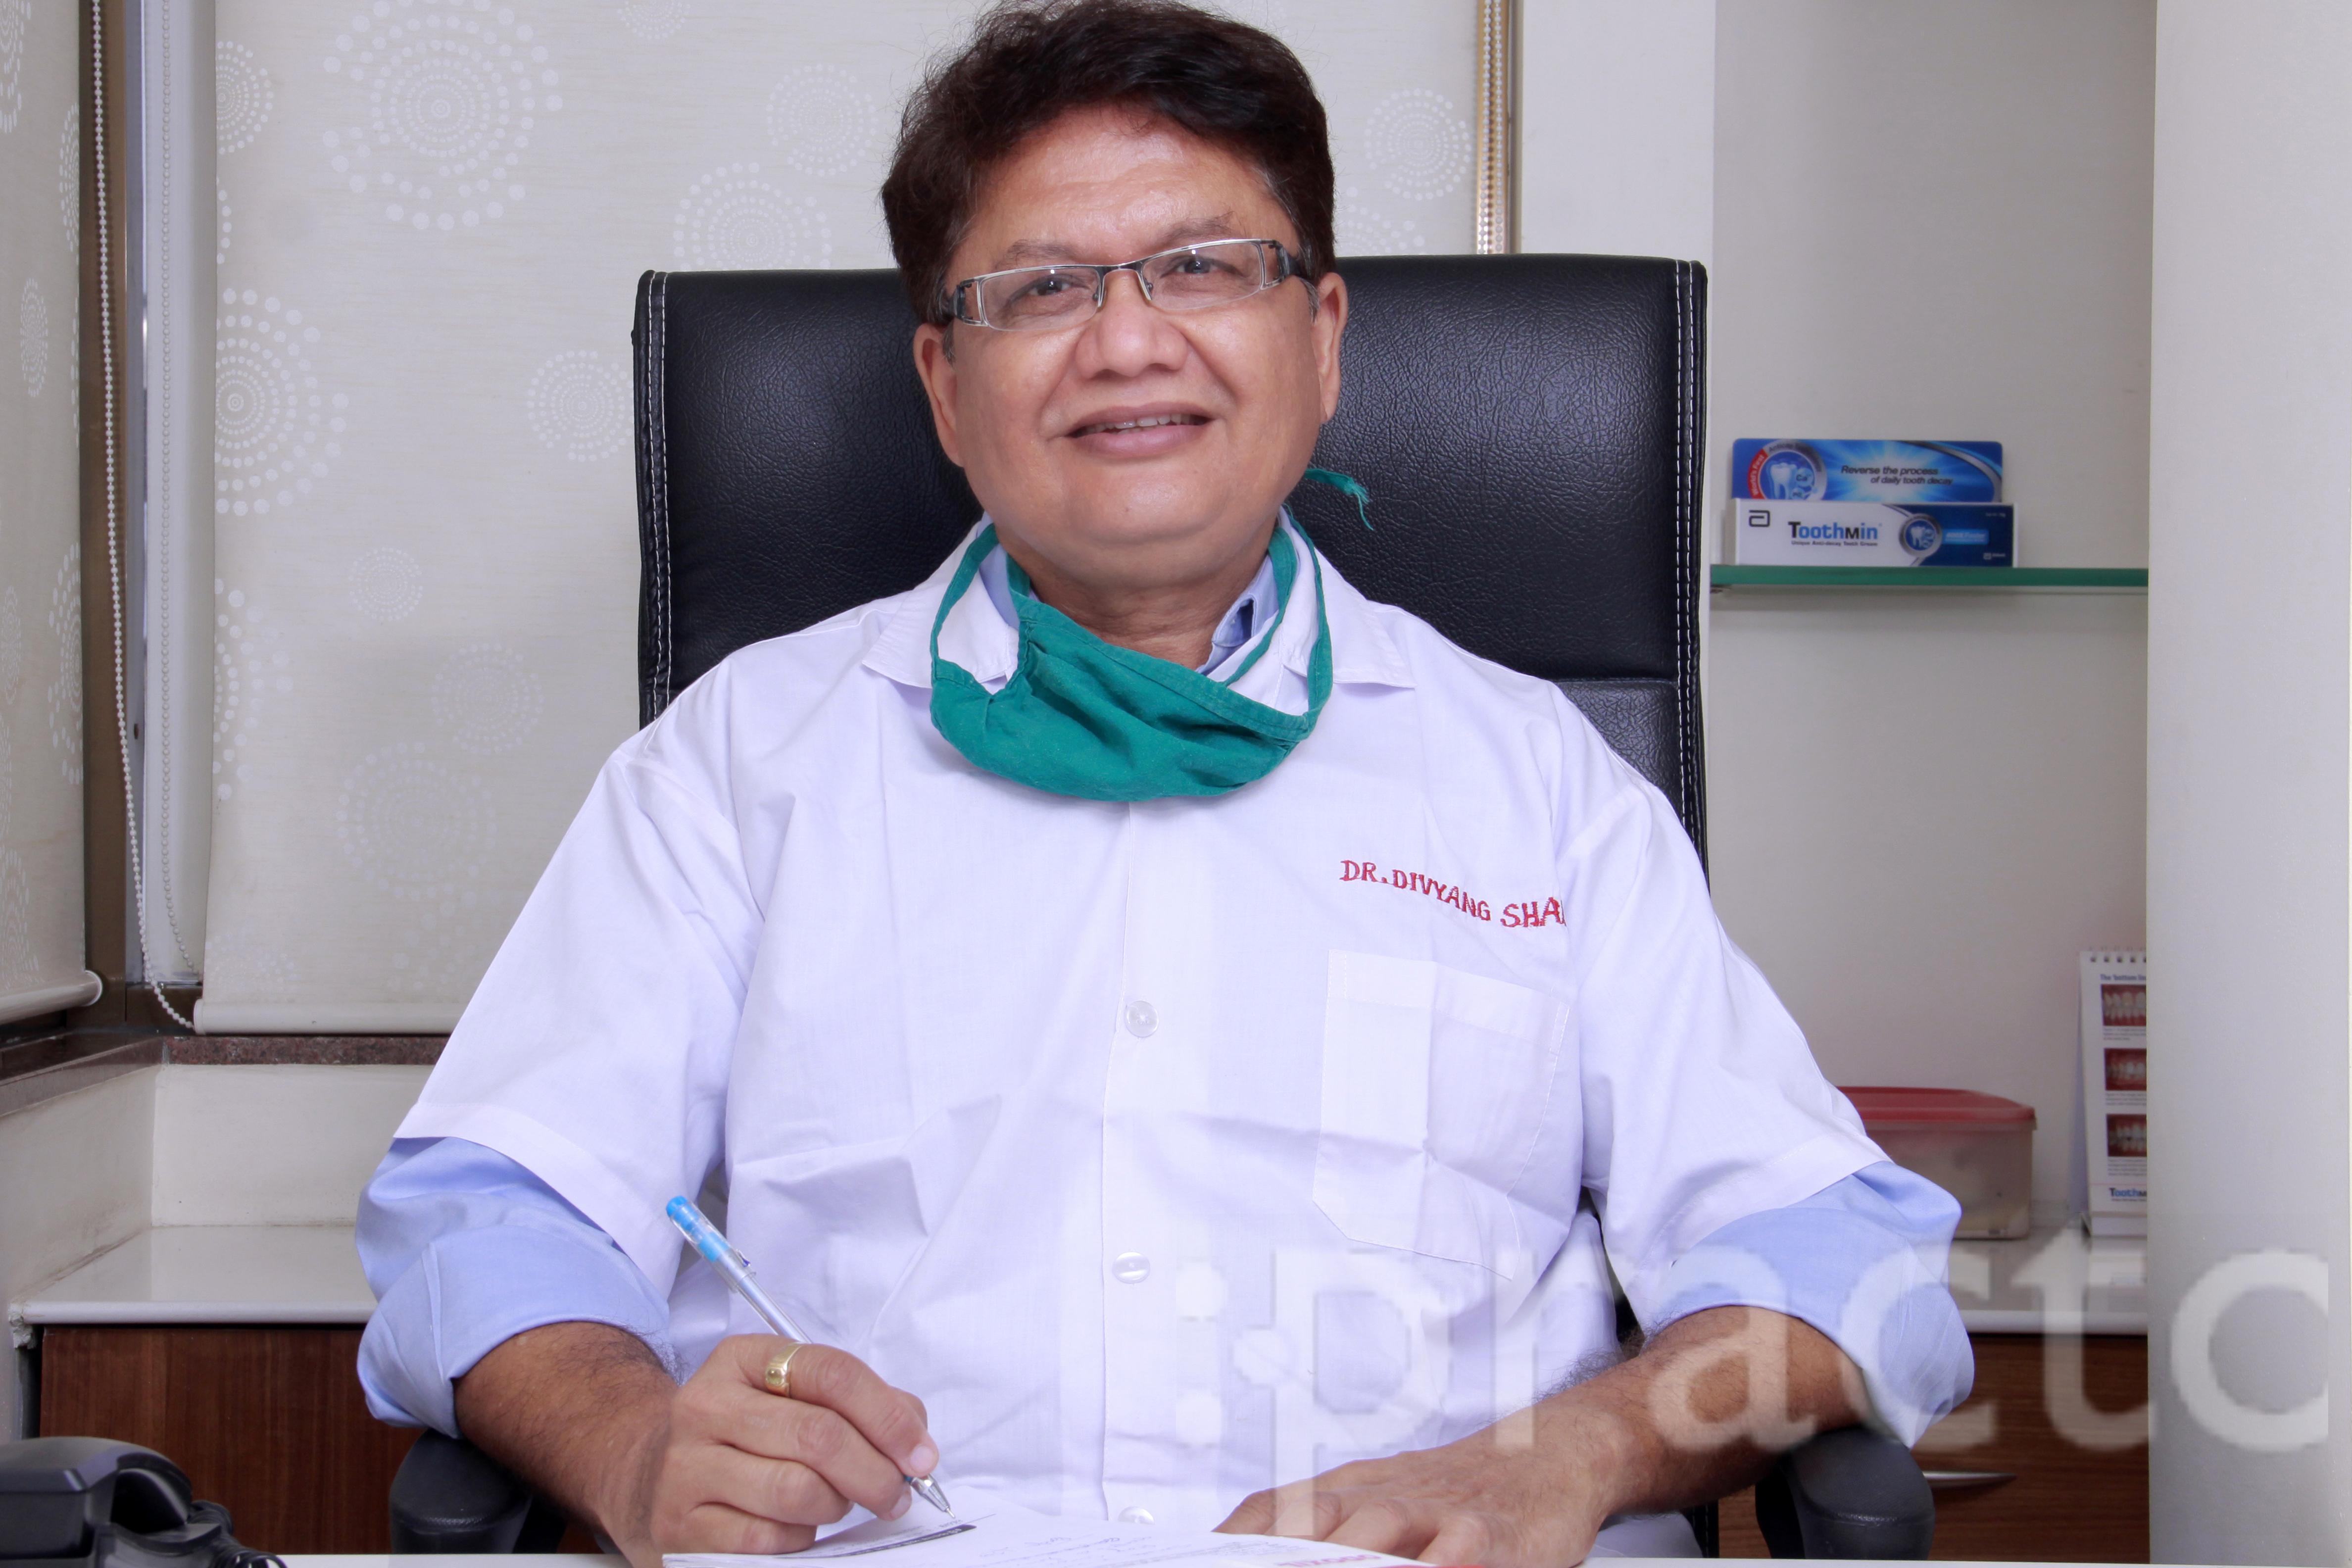 Dr. Divyang R. Shah - Dentist